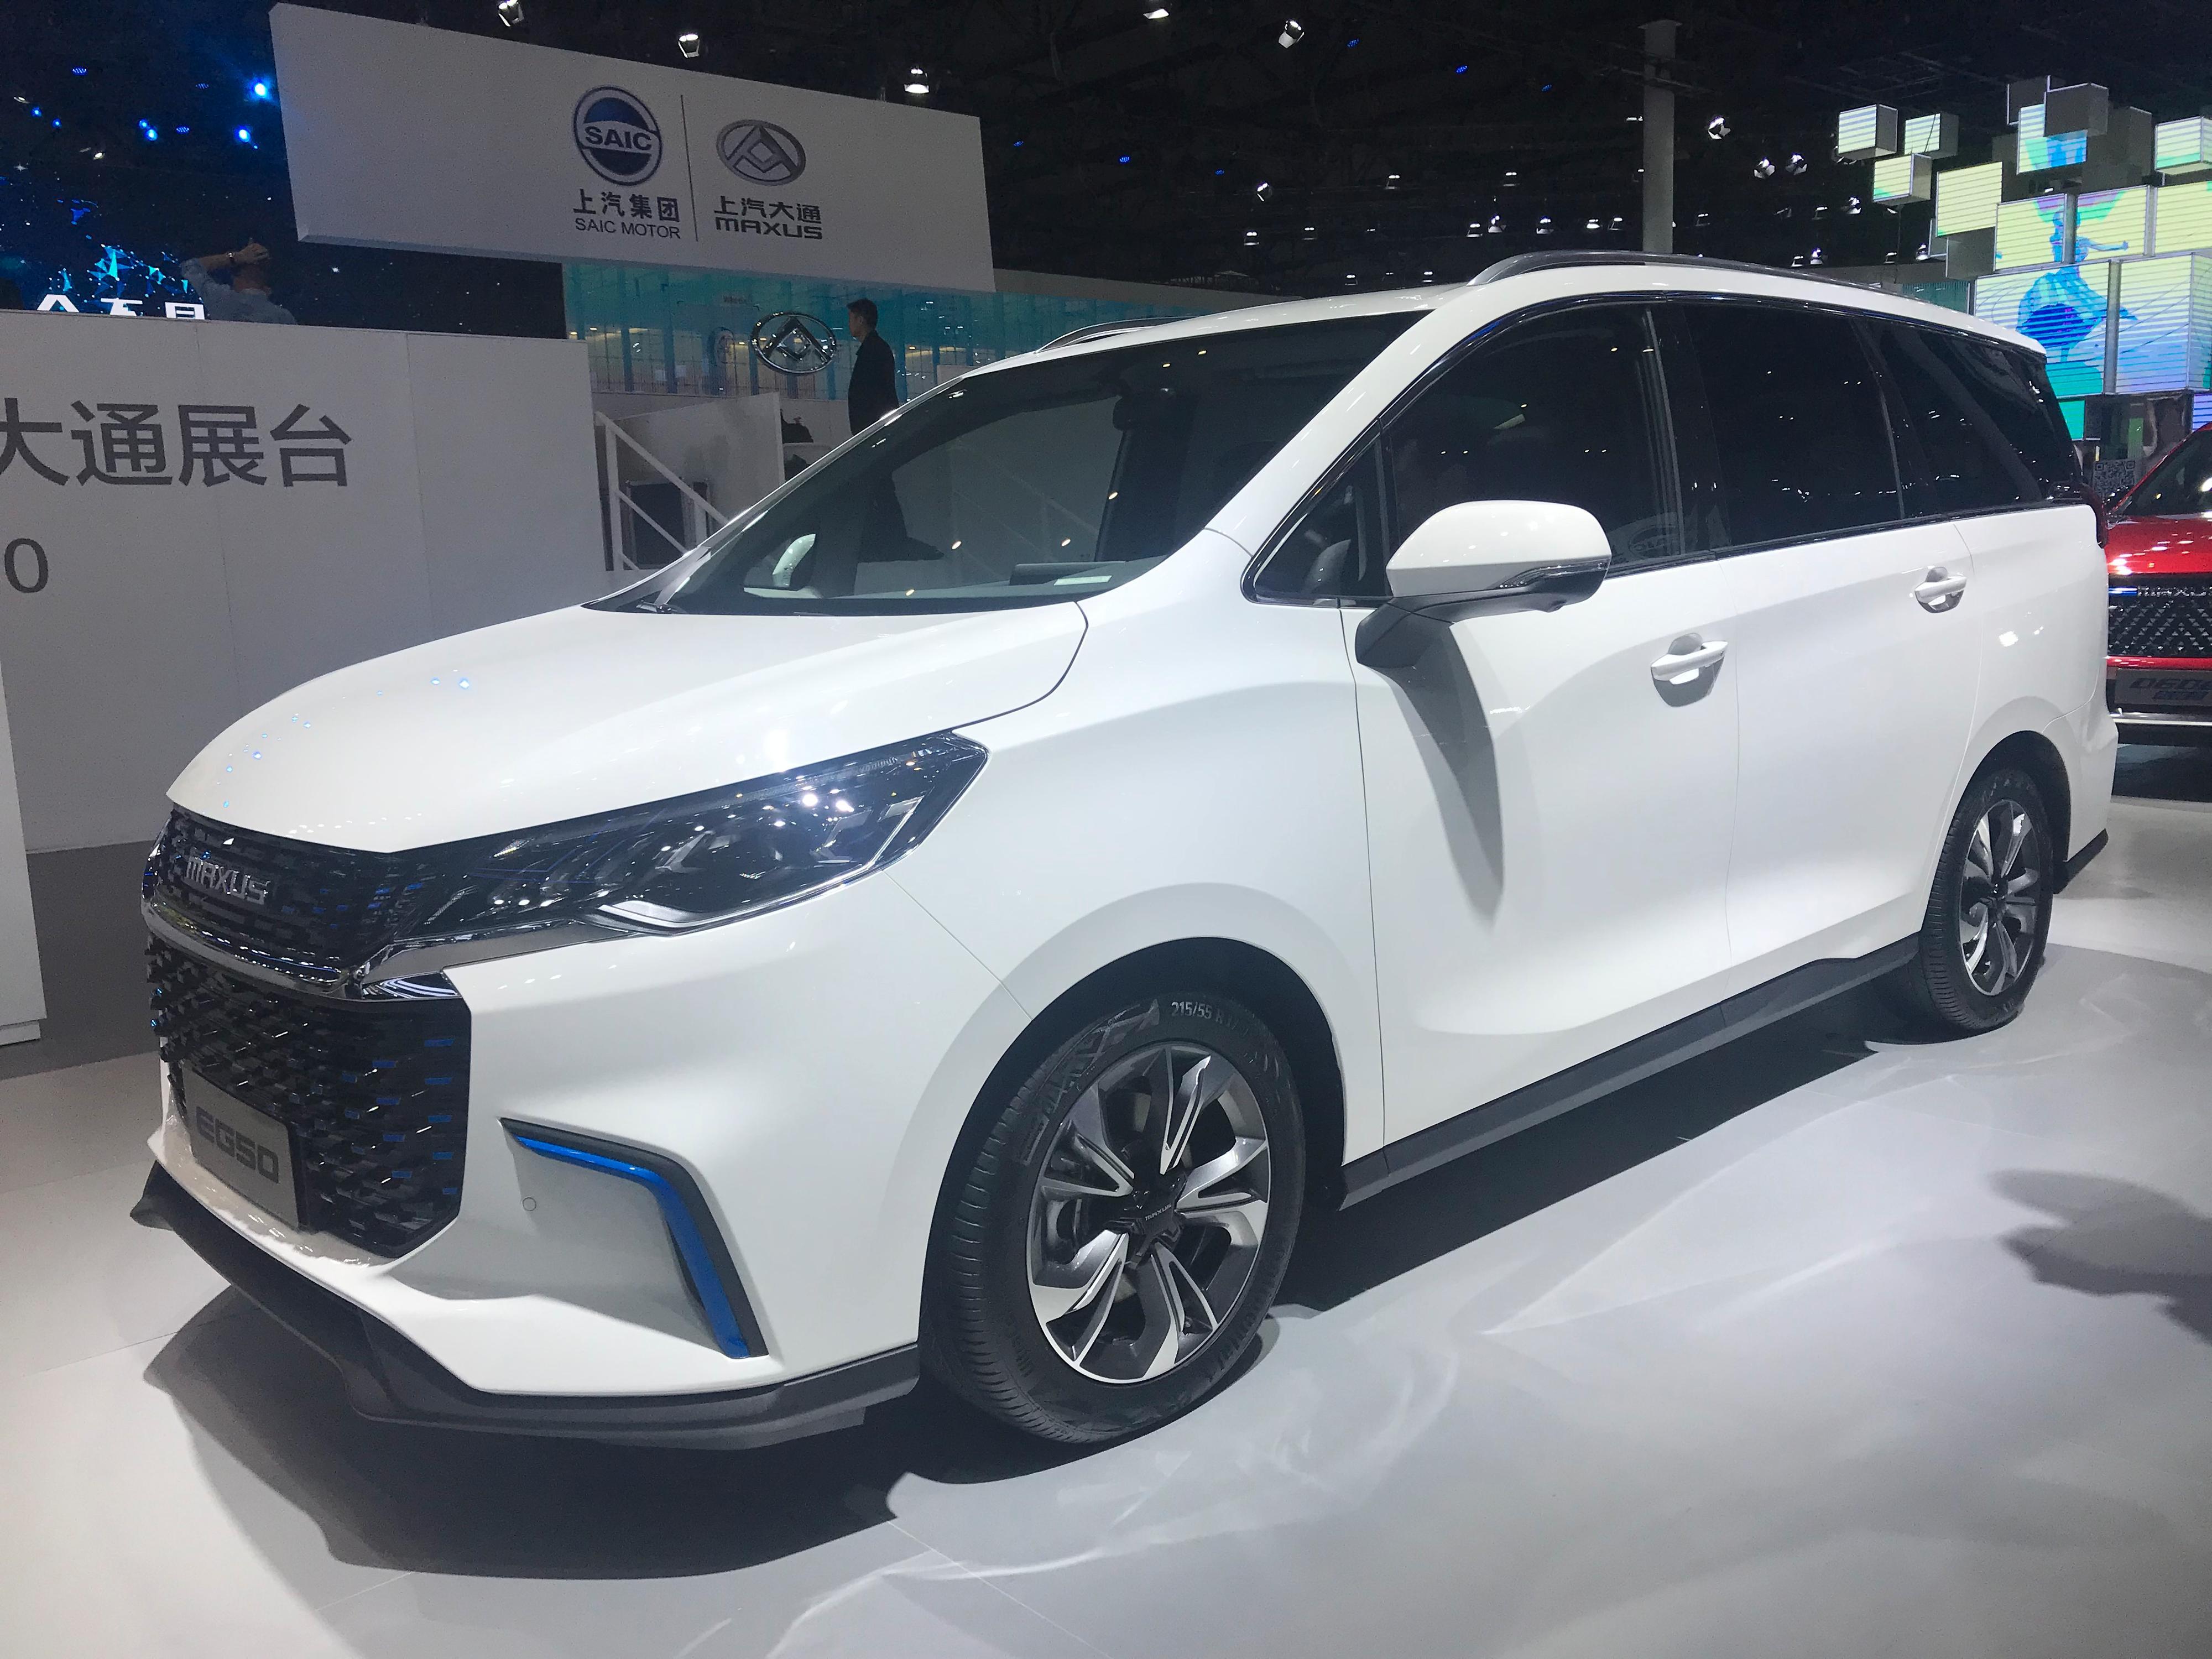 Maxus Euniq 5 skiller seg ut i elbilmarkedet ved å være en syvseter til relativt overkommelig pris.